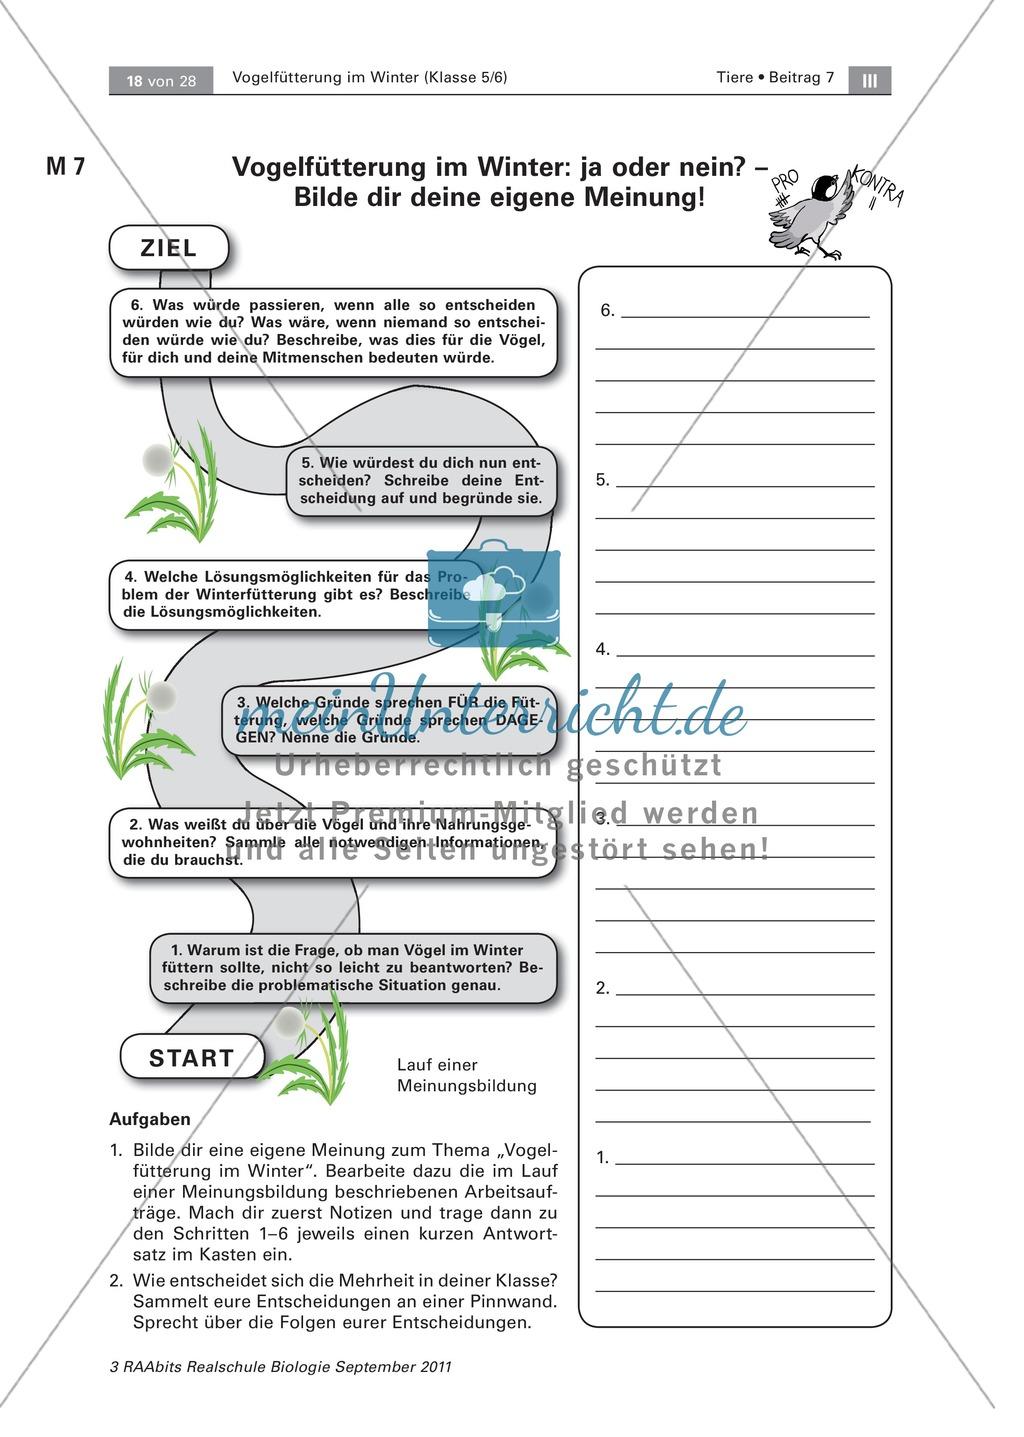 Meinungsbildung zur Vogelfütterung im Winter: Placemat, Fragen Preview 3